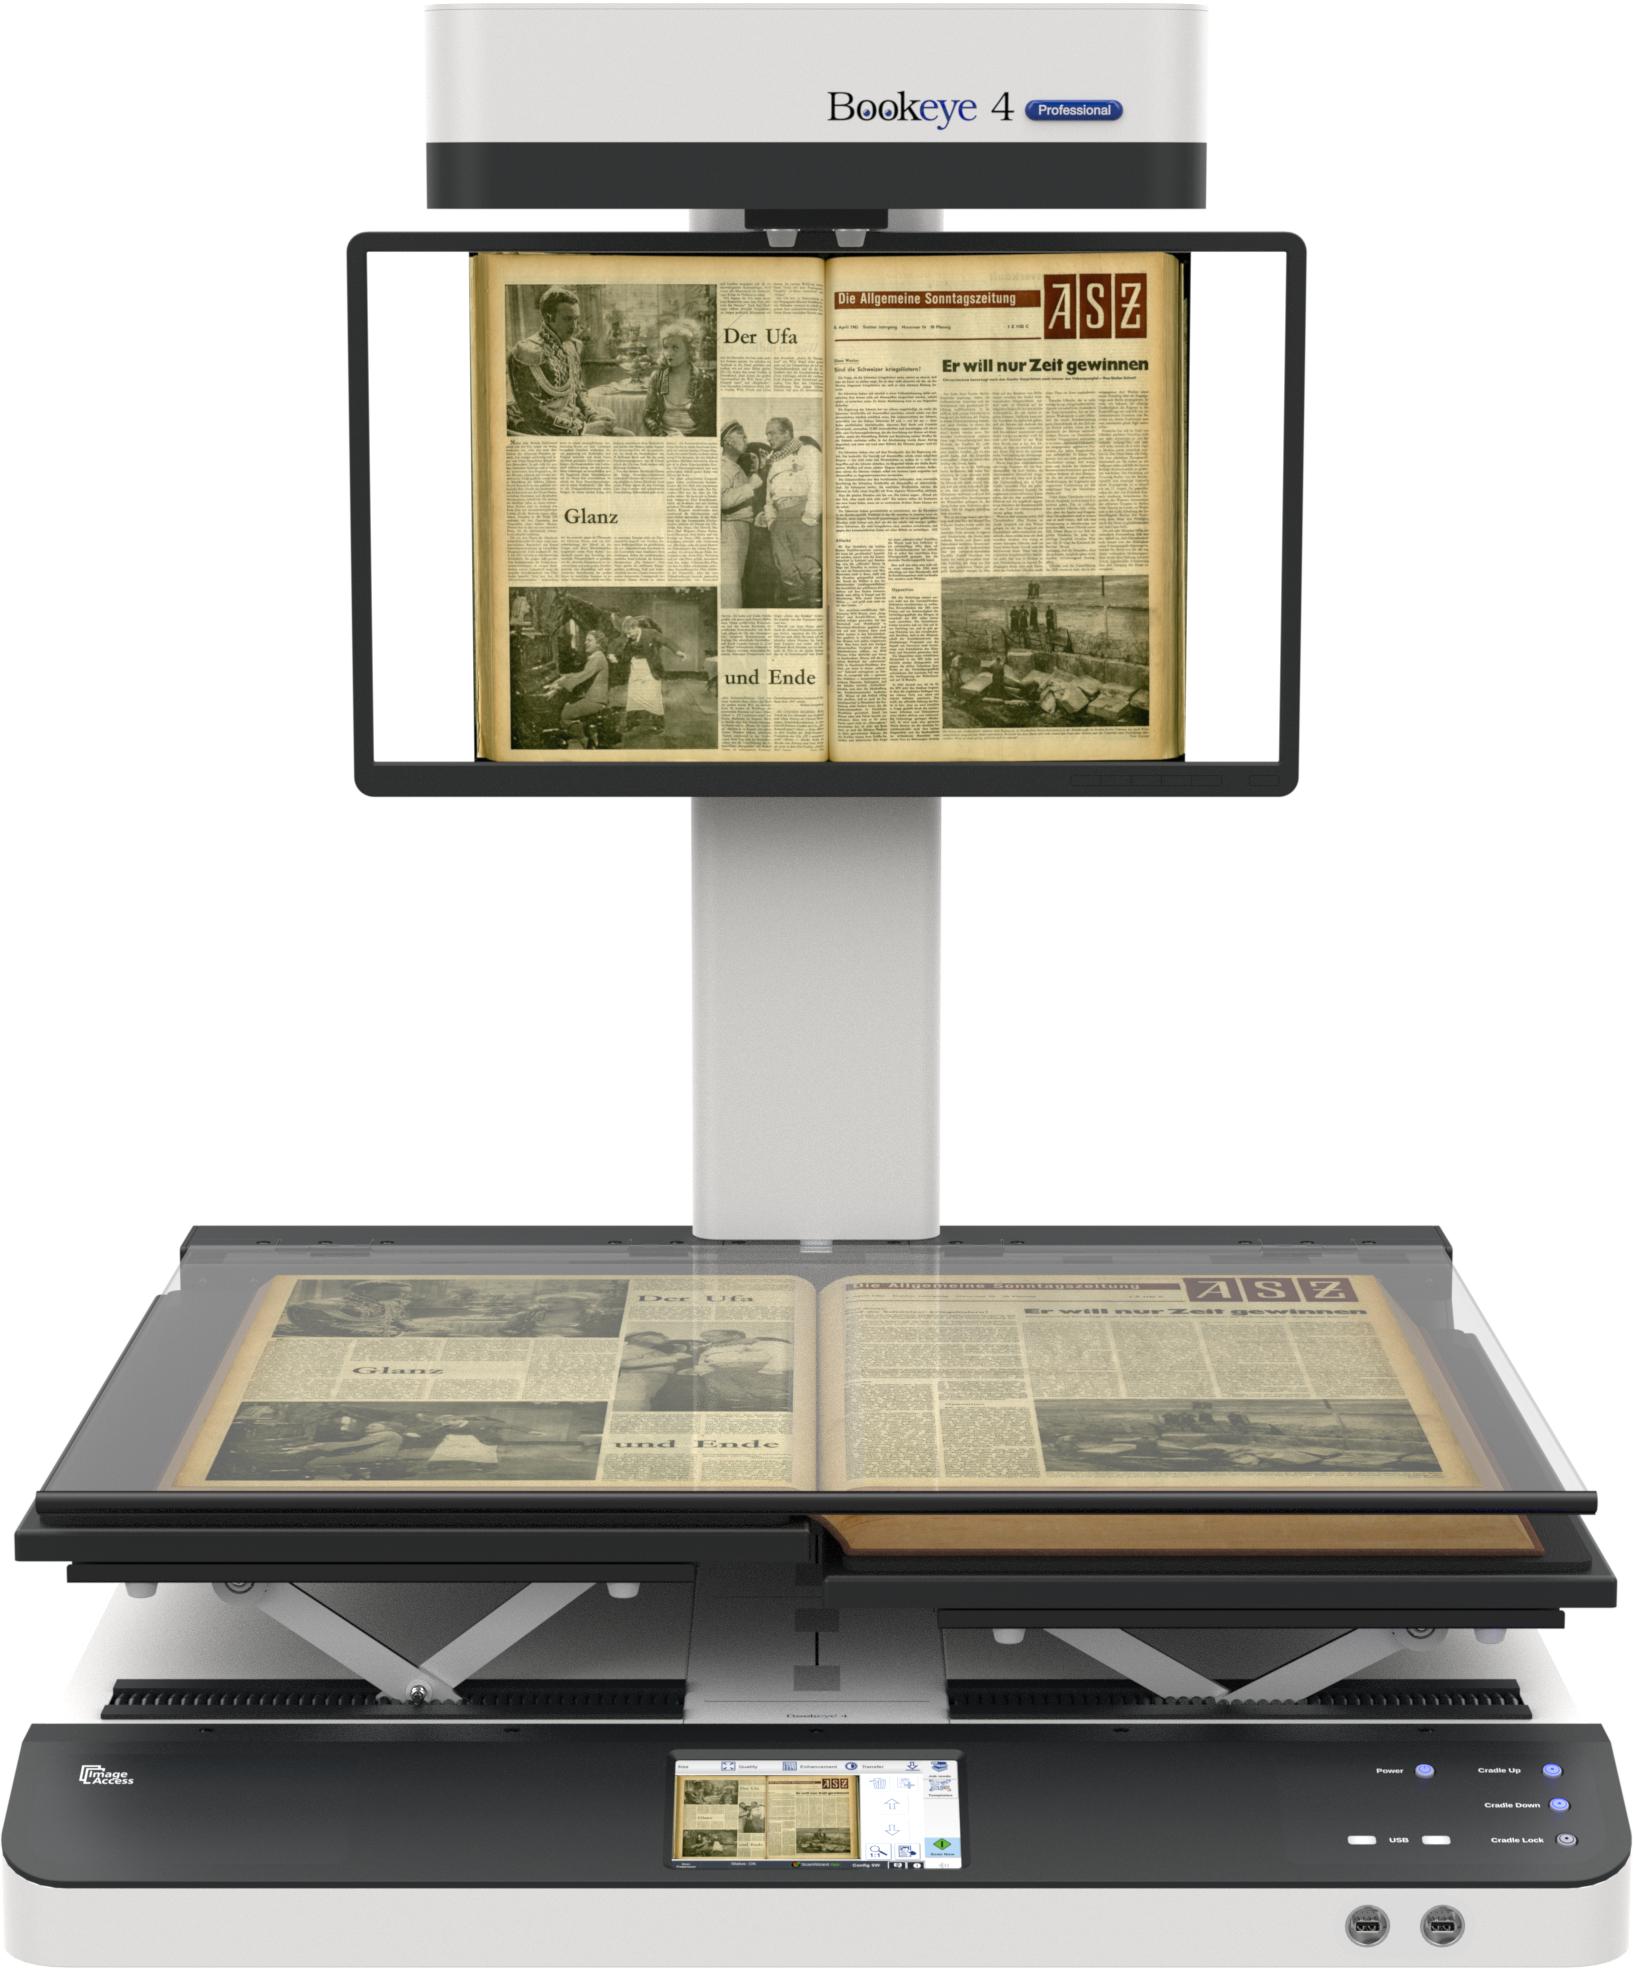 Bookeye® 4 V1A - Book Scanner - Book Scanners